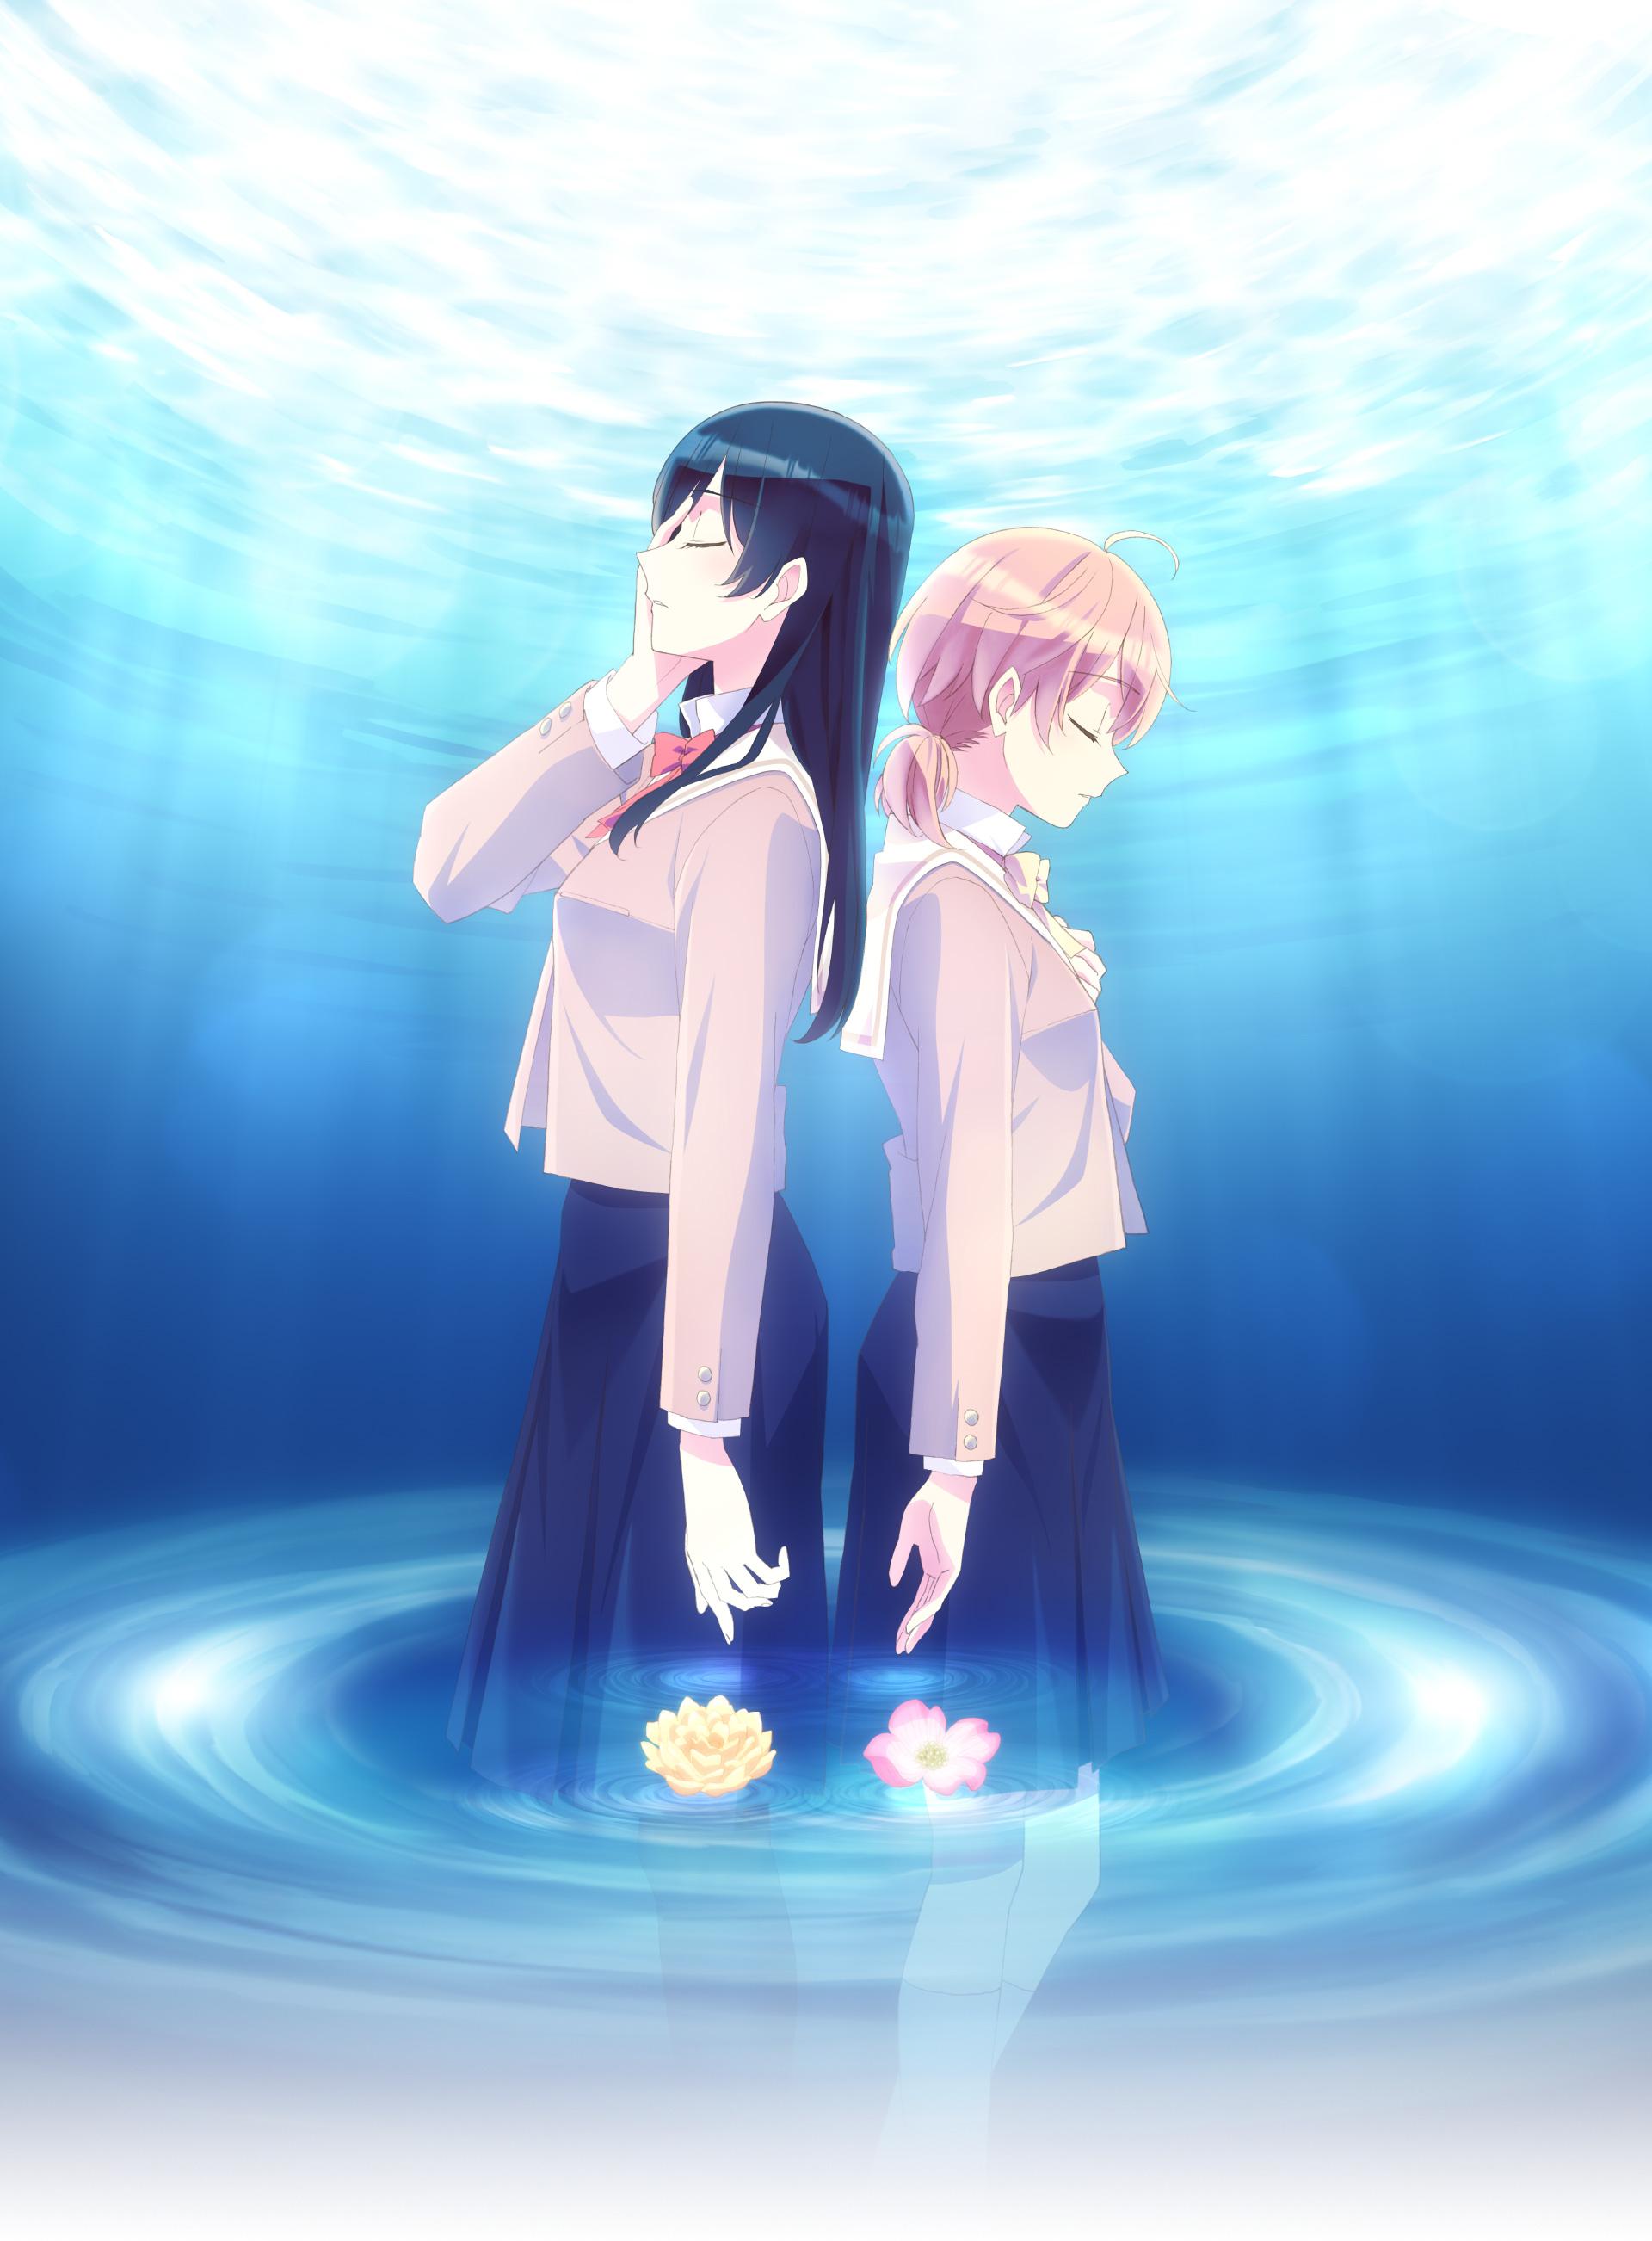 Yagate-Kimi-ni-Naru - Yagate Kimi ni Naru [13/13] [720p] [PCNet] [MEGA-1Fichier] - Anime no Ligero [Descargas]